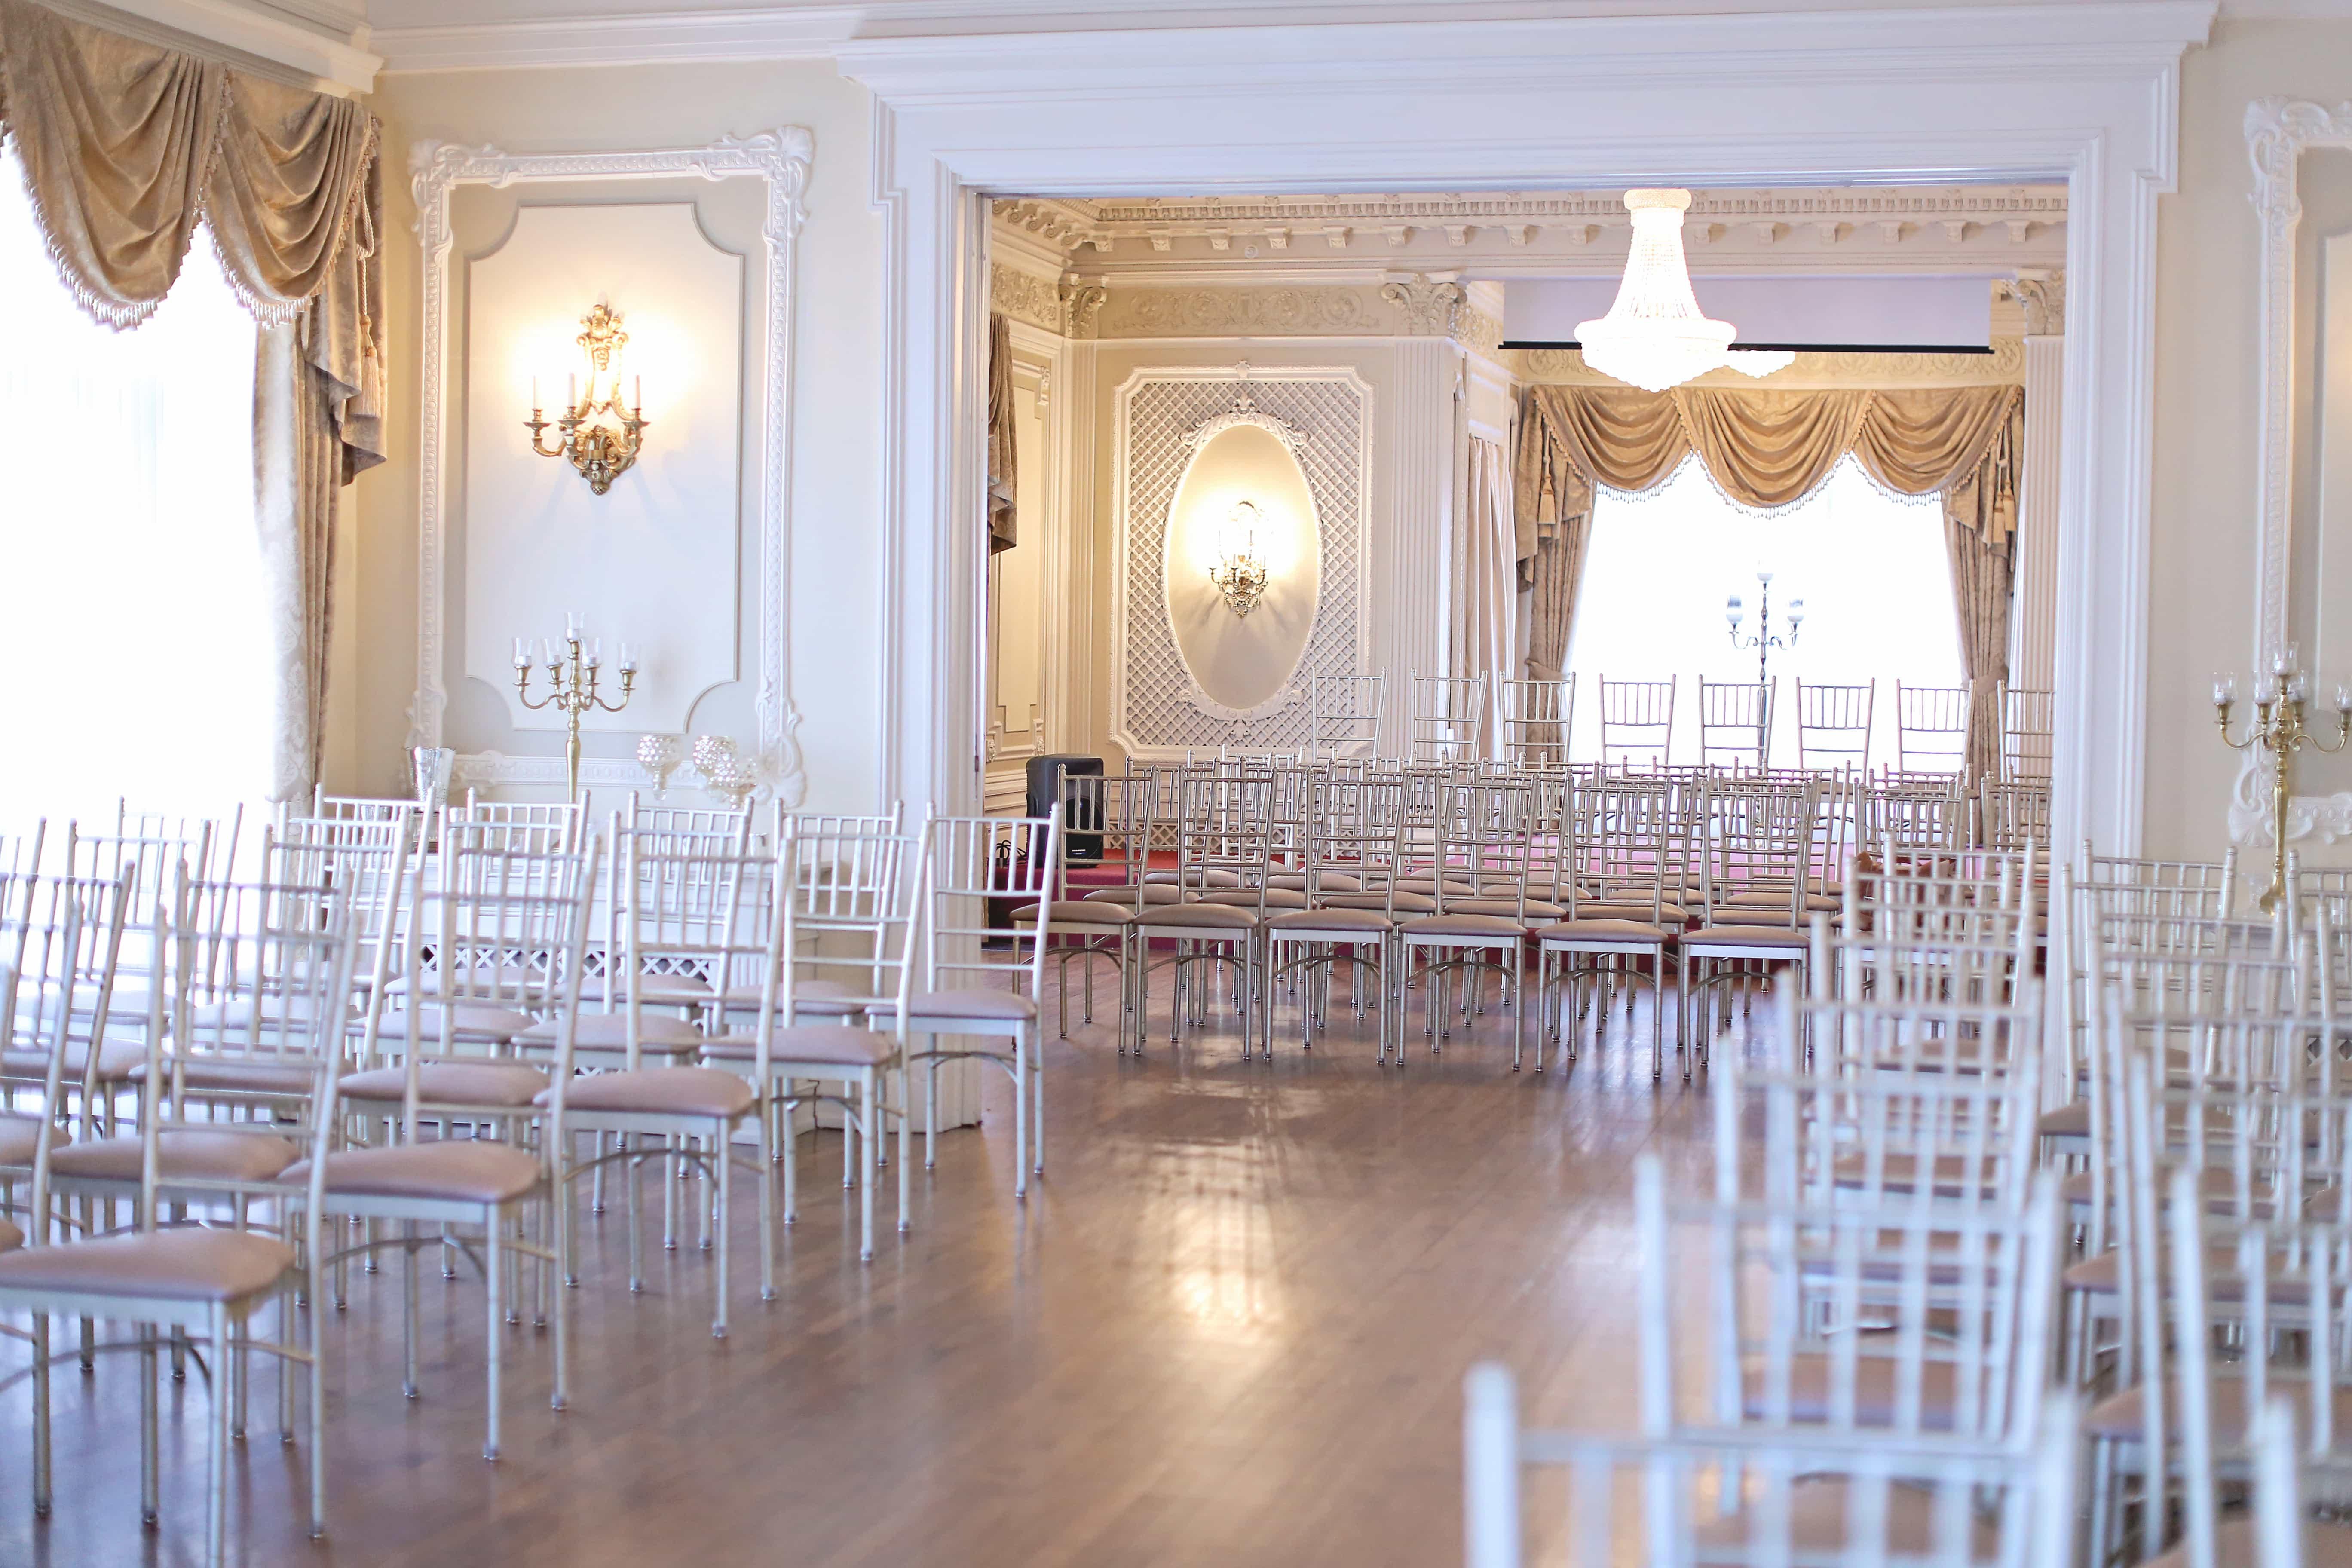 Elegant Drapery At Indoor Ceremony: WEDDINGS: CEREMONY